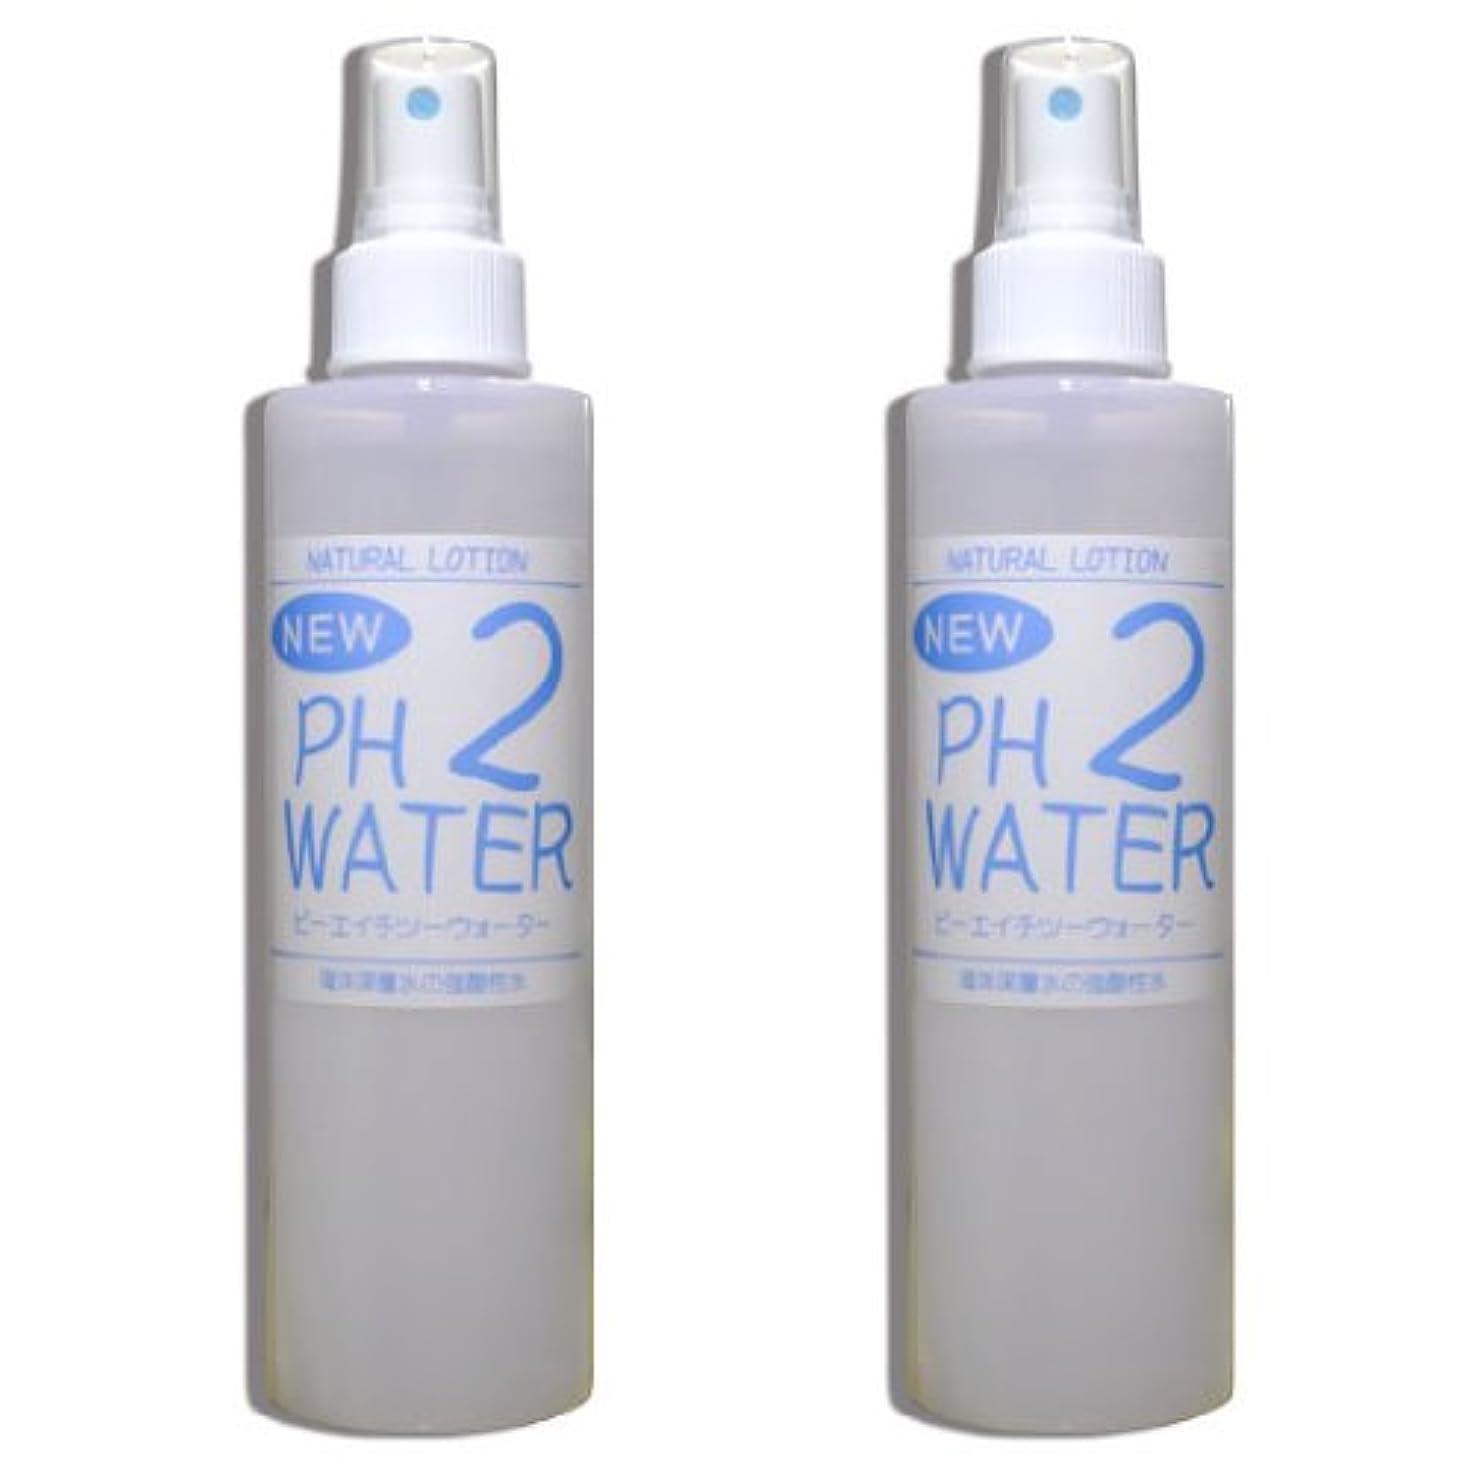 パトロールエイリアンロケーション強酸性水 NEW PH2ウォーター『200mlスプレー2本セット』